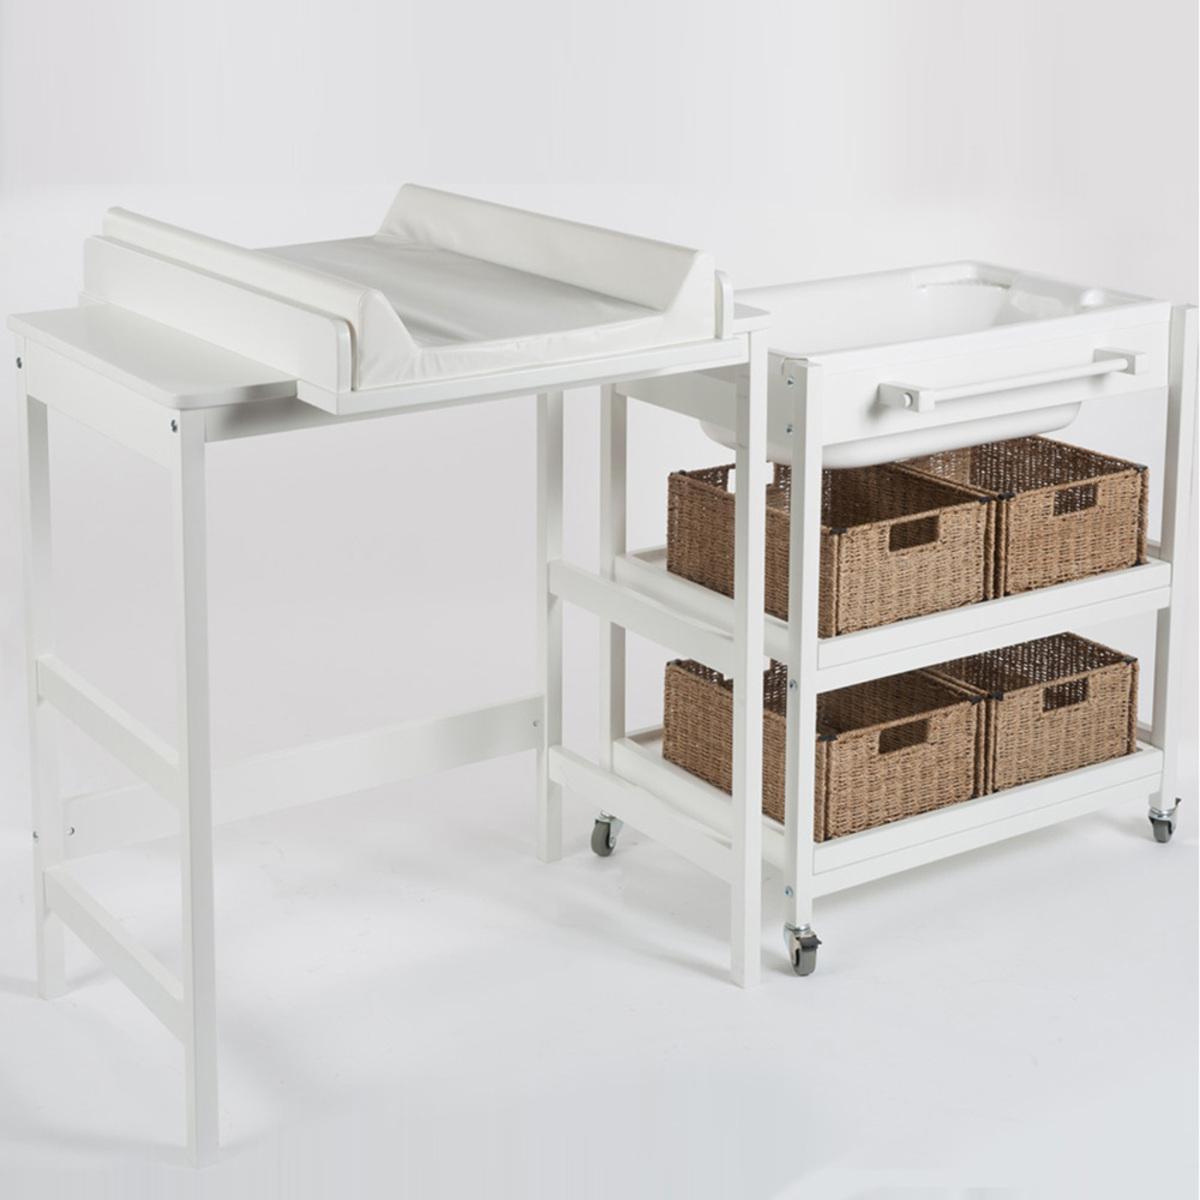 Quax meuble de bain smart confort blanc table langer for Meuble quax